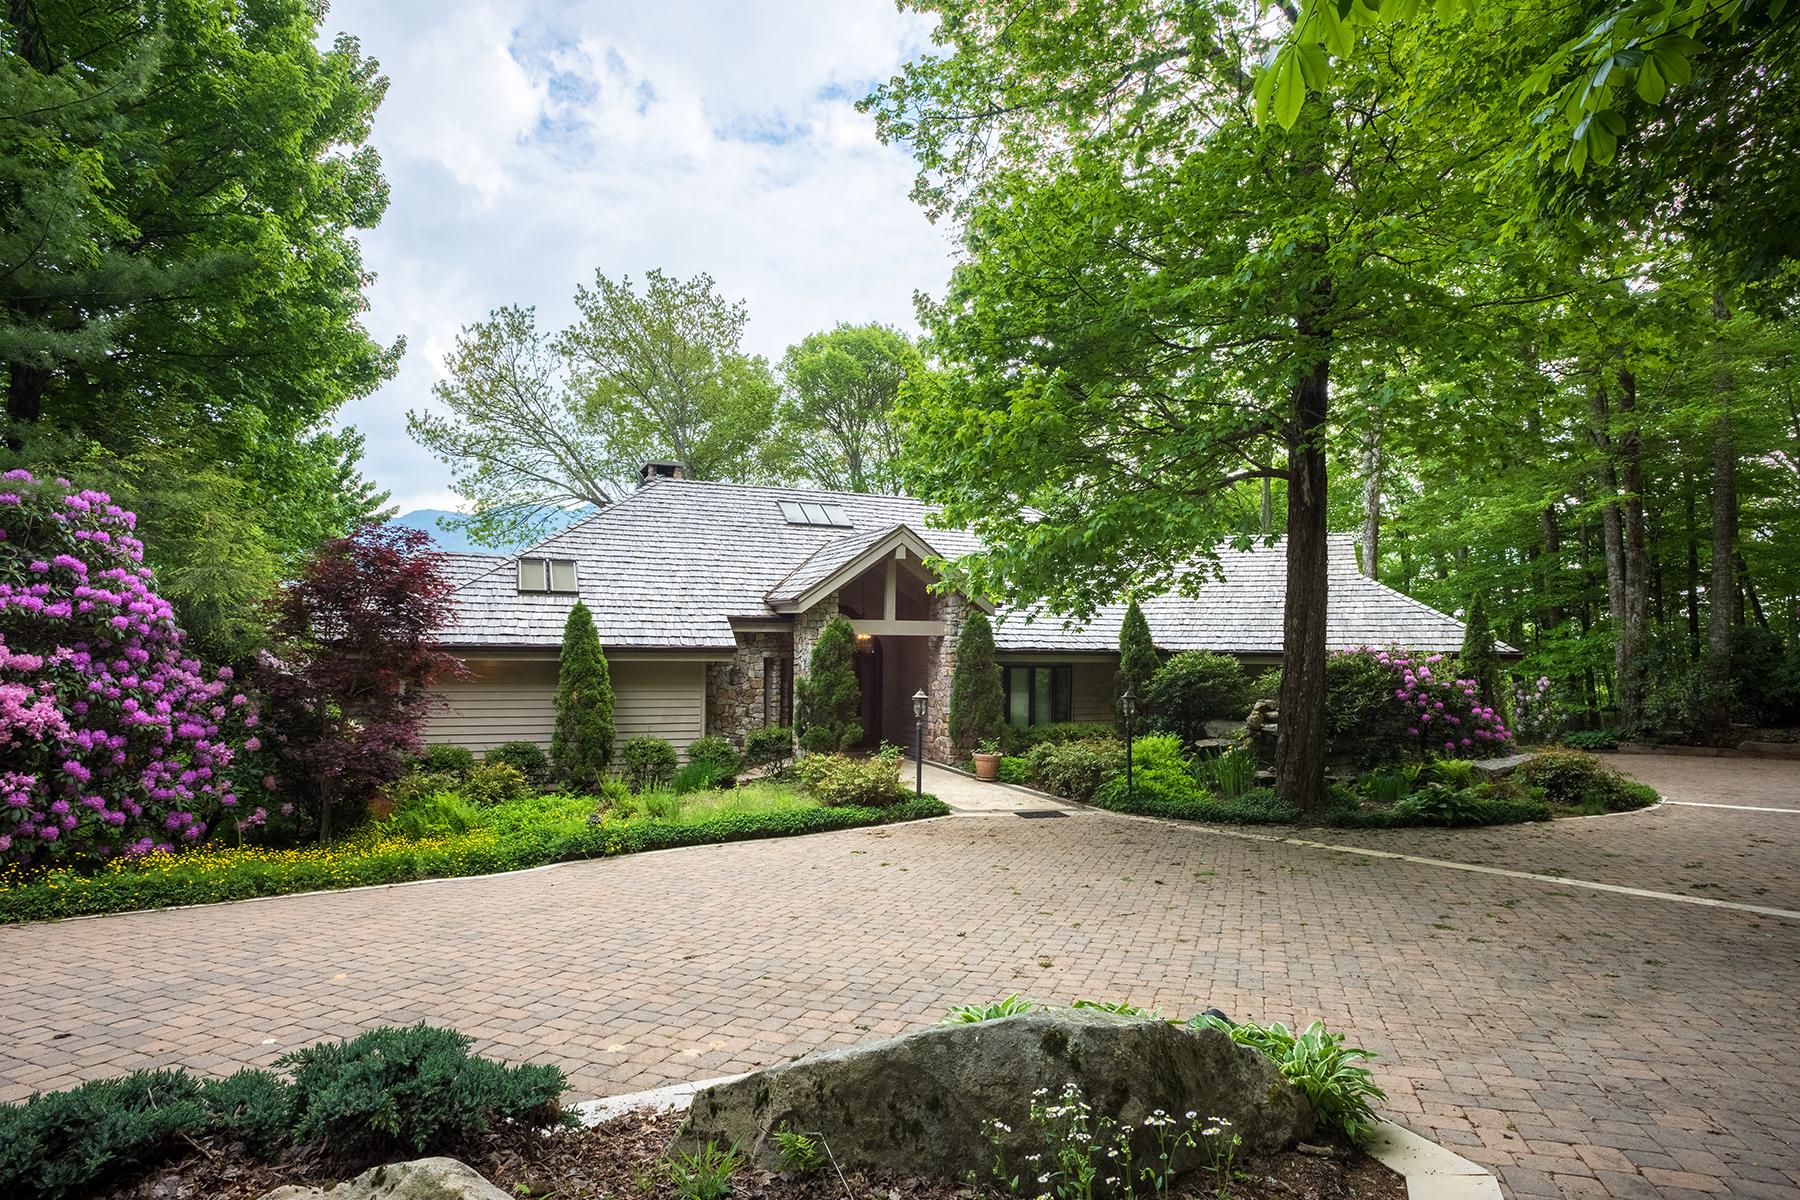 Single Family Home for Sale at LINVILLE - LINVILLE RIDGE 1012 Ridge Drive 10 Linville, North Carolina, 28646 United States